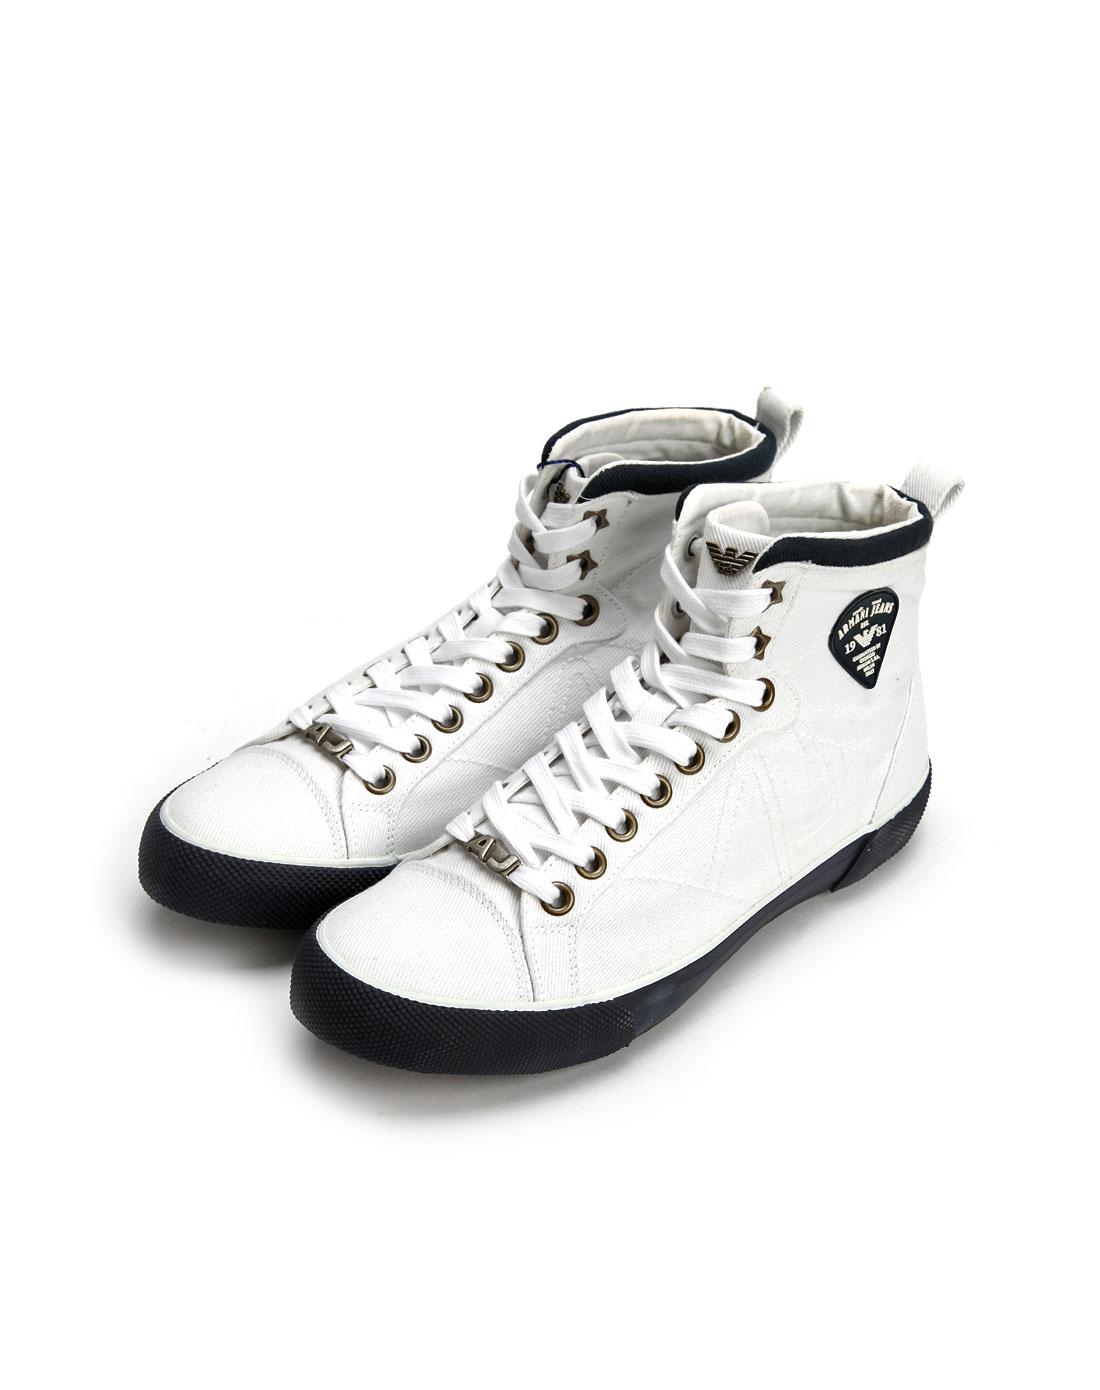 armani鞋子专场aj男款灰白色绑带休闲鞋m65078110